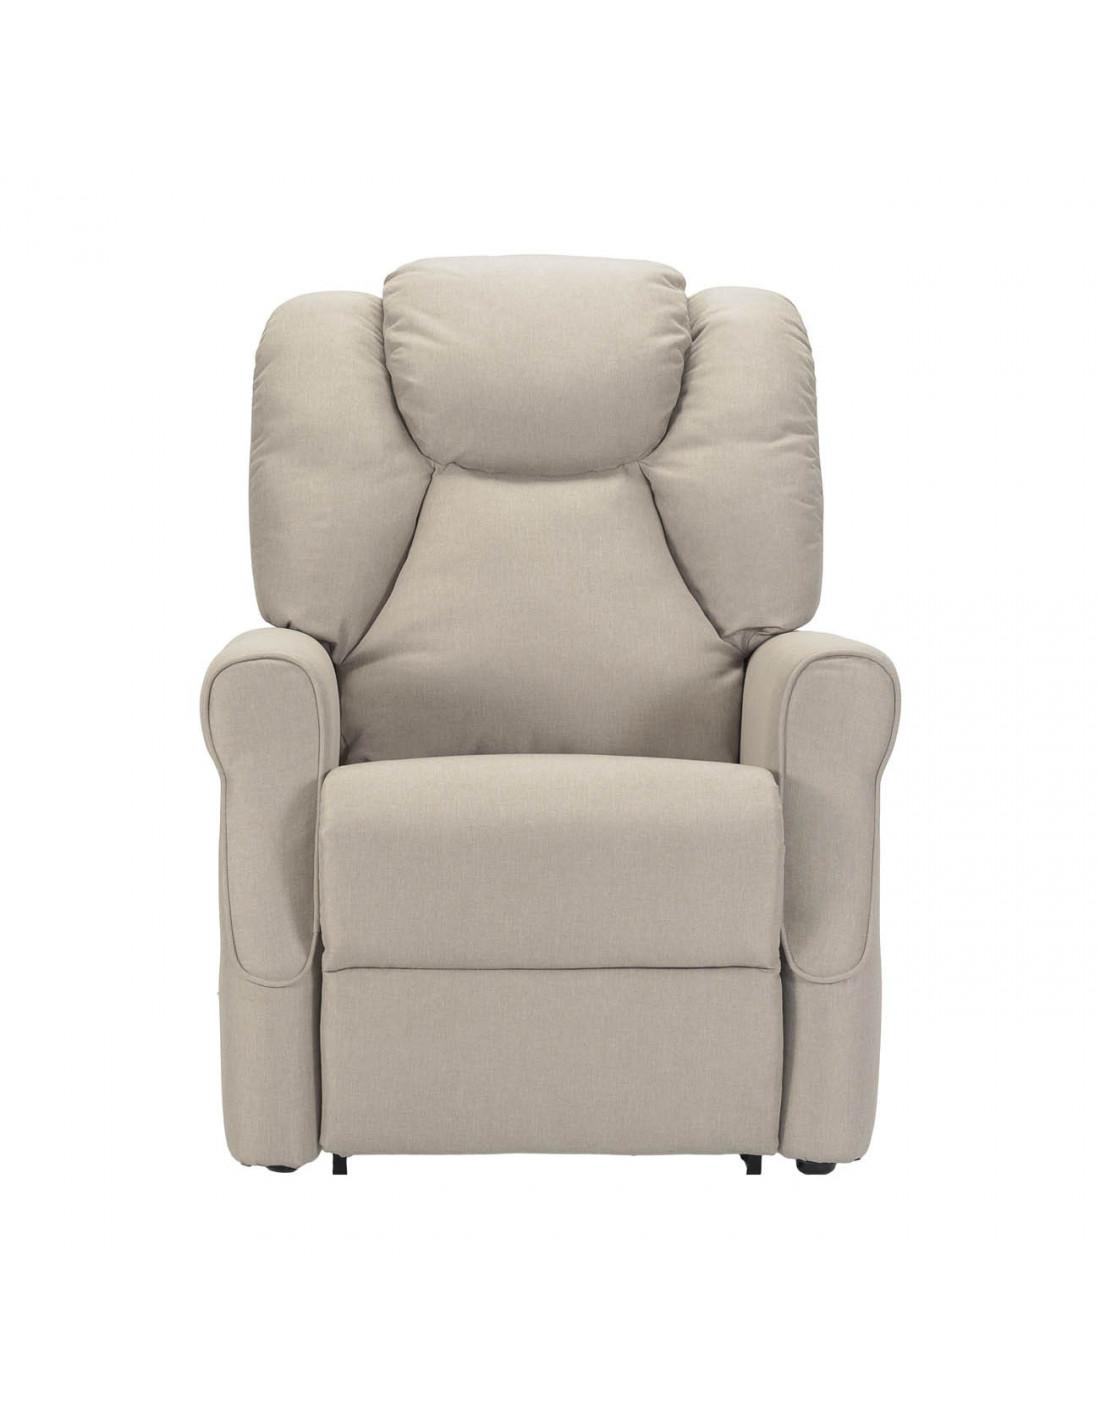 Poltrone Per Anziani Massaggianti.Angela Poltrona Per Anziani Alzapersona Con Reclinazione Combinata